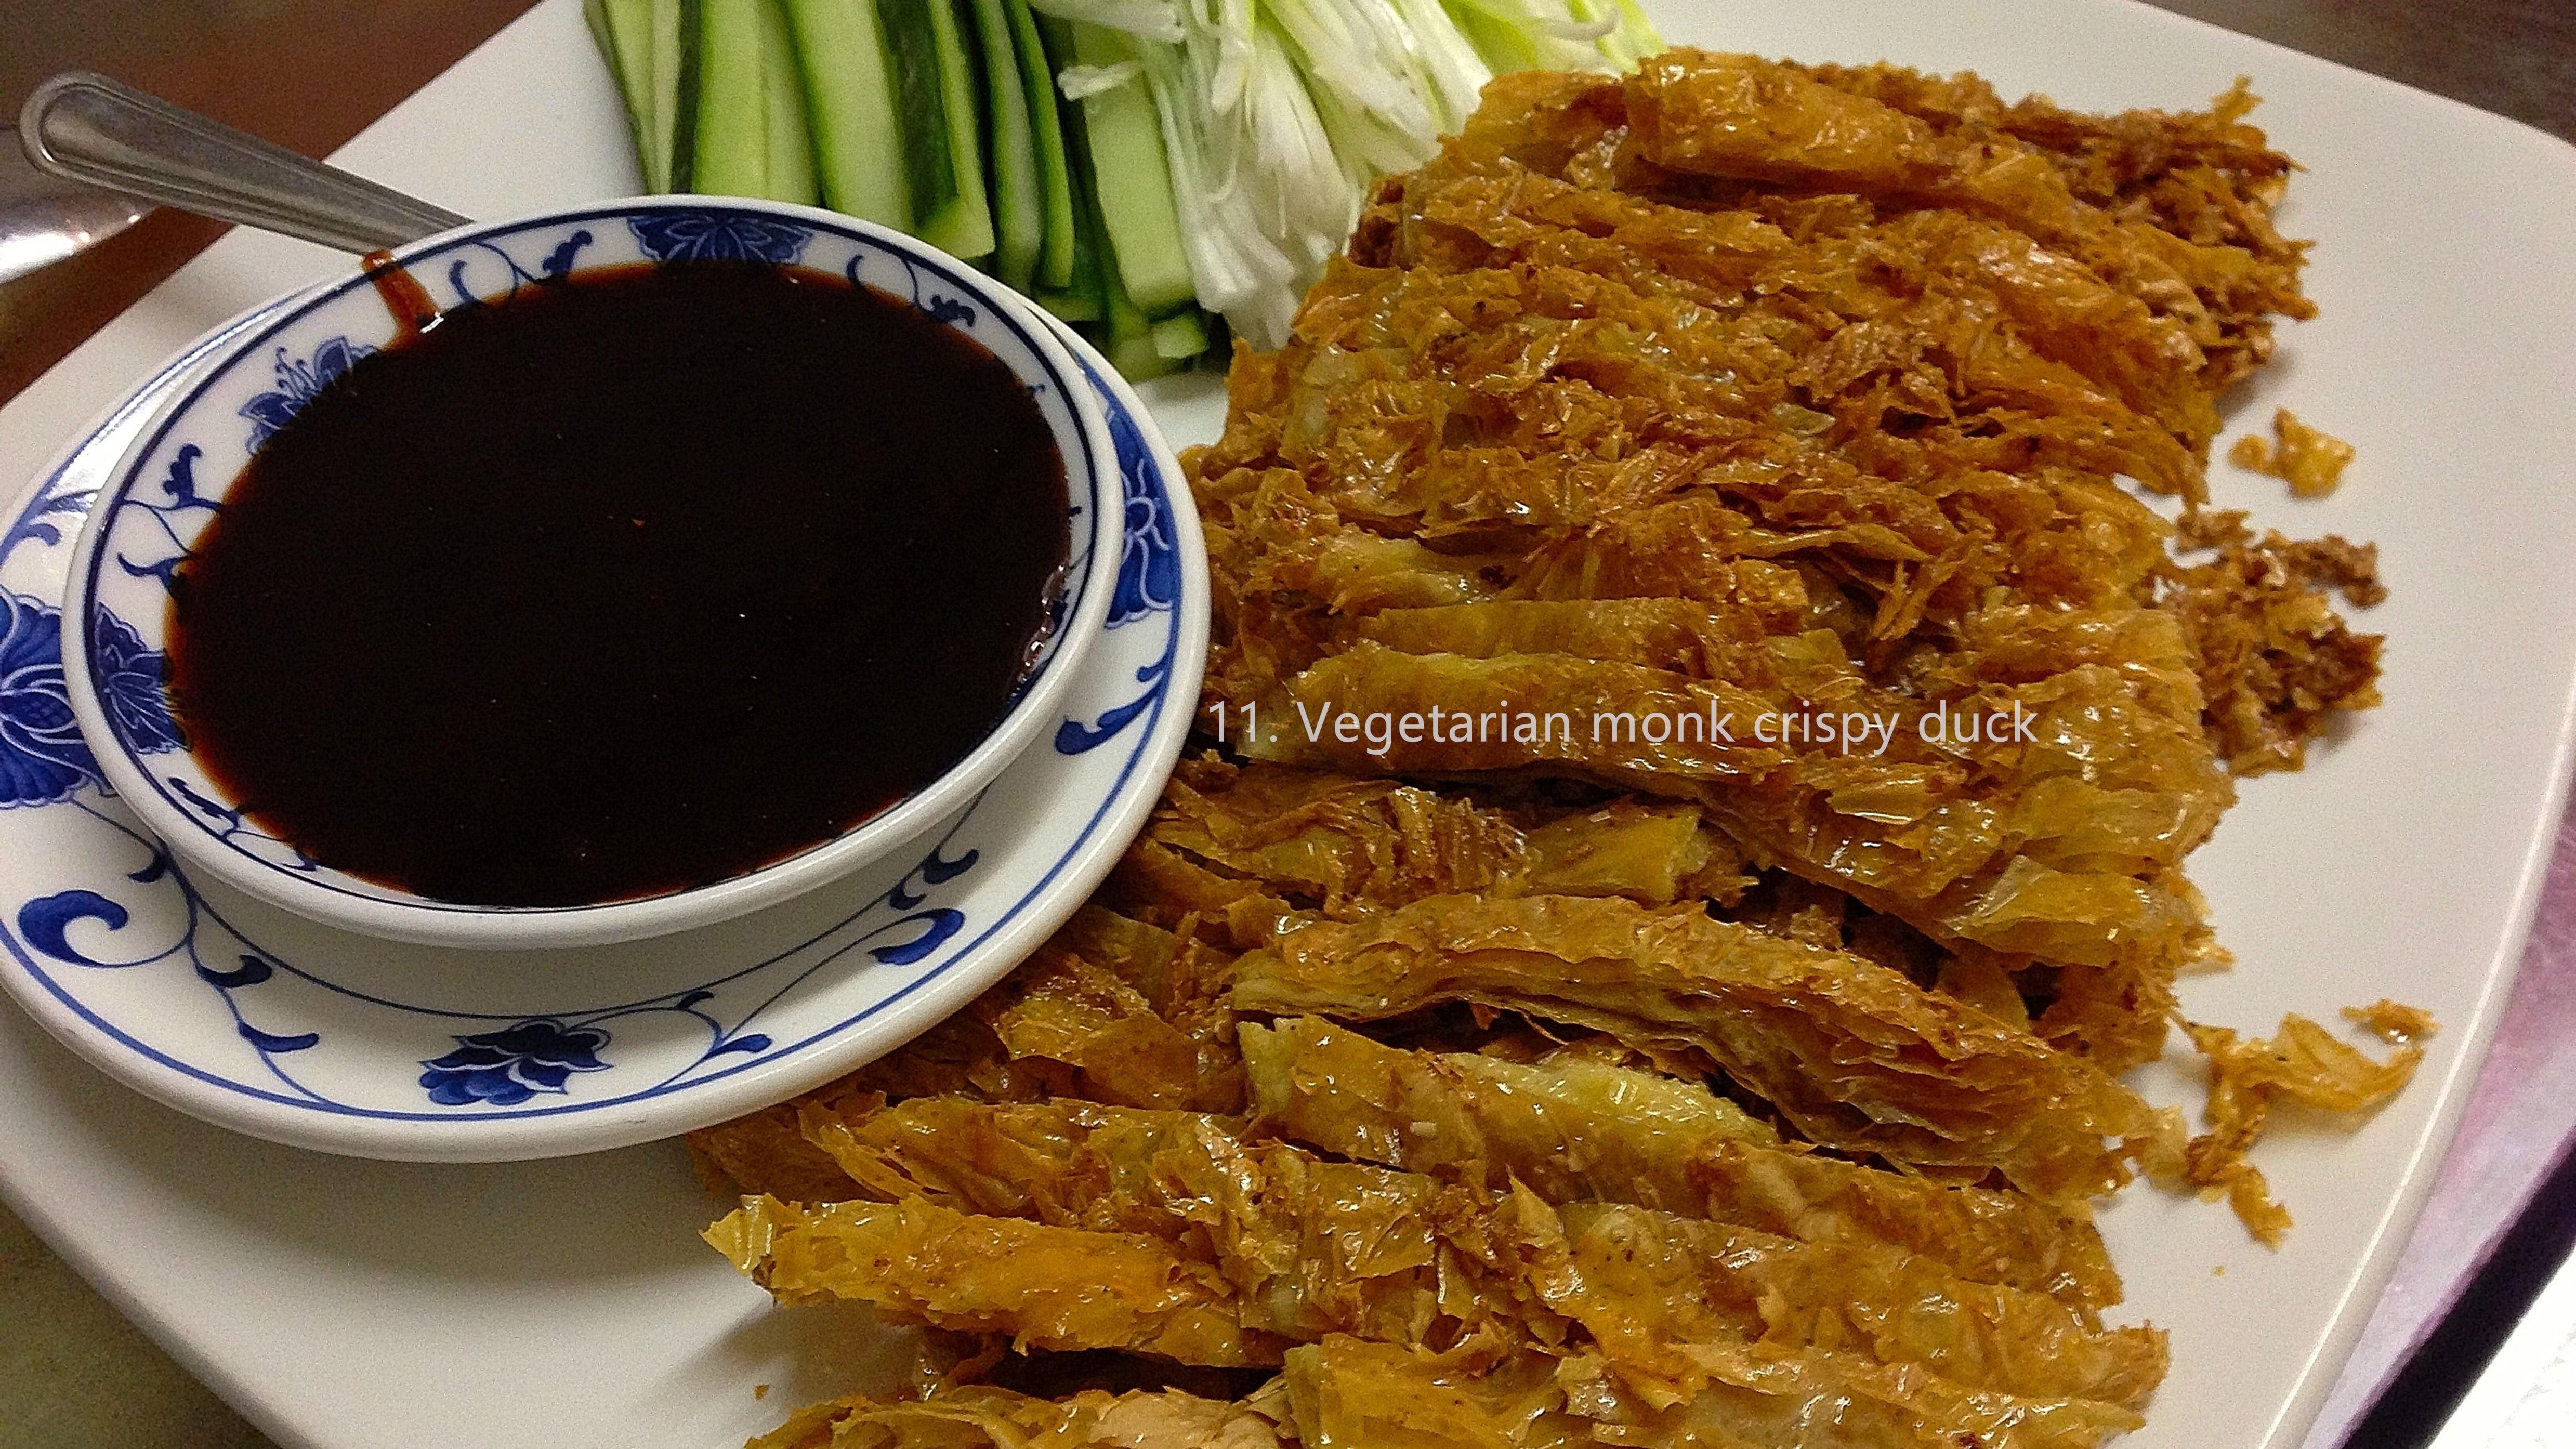 Vegetarian monk crispy duck